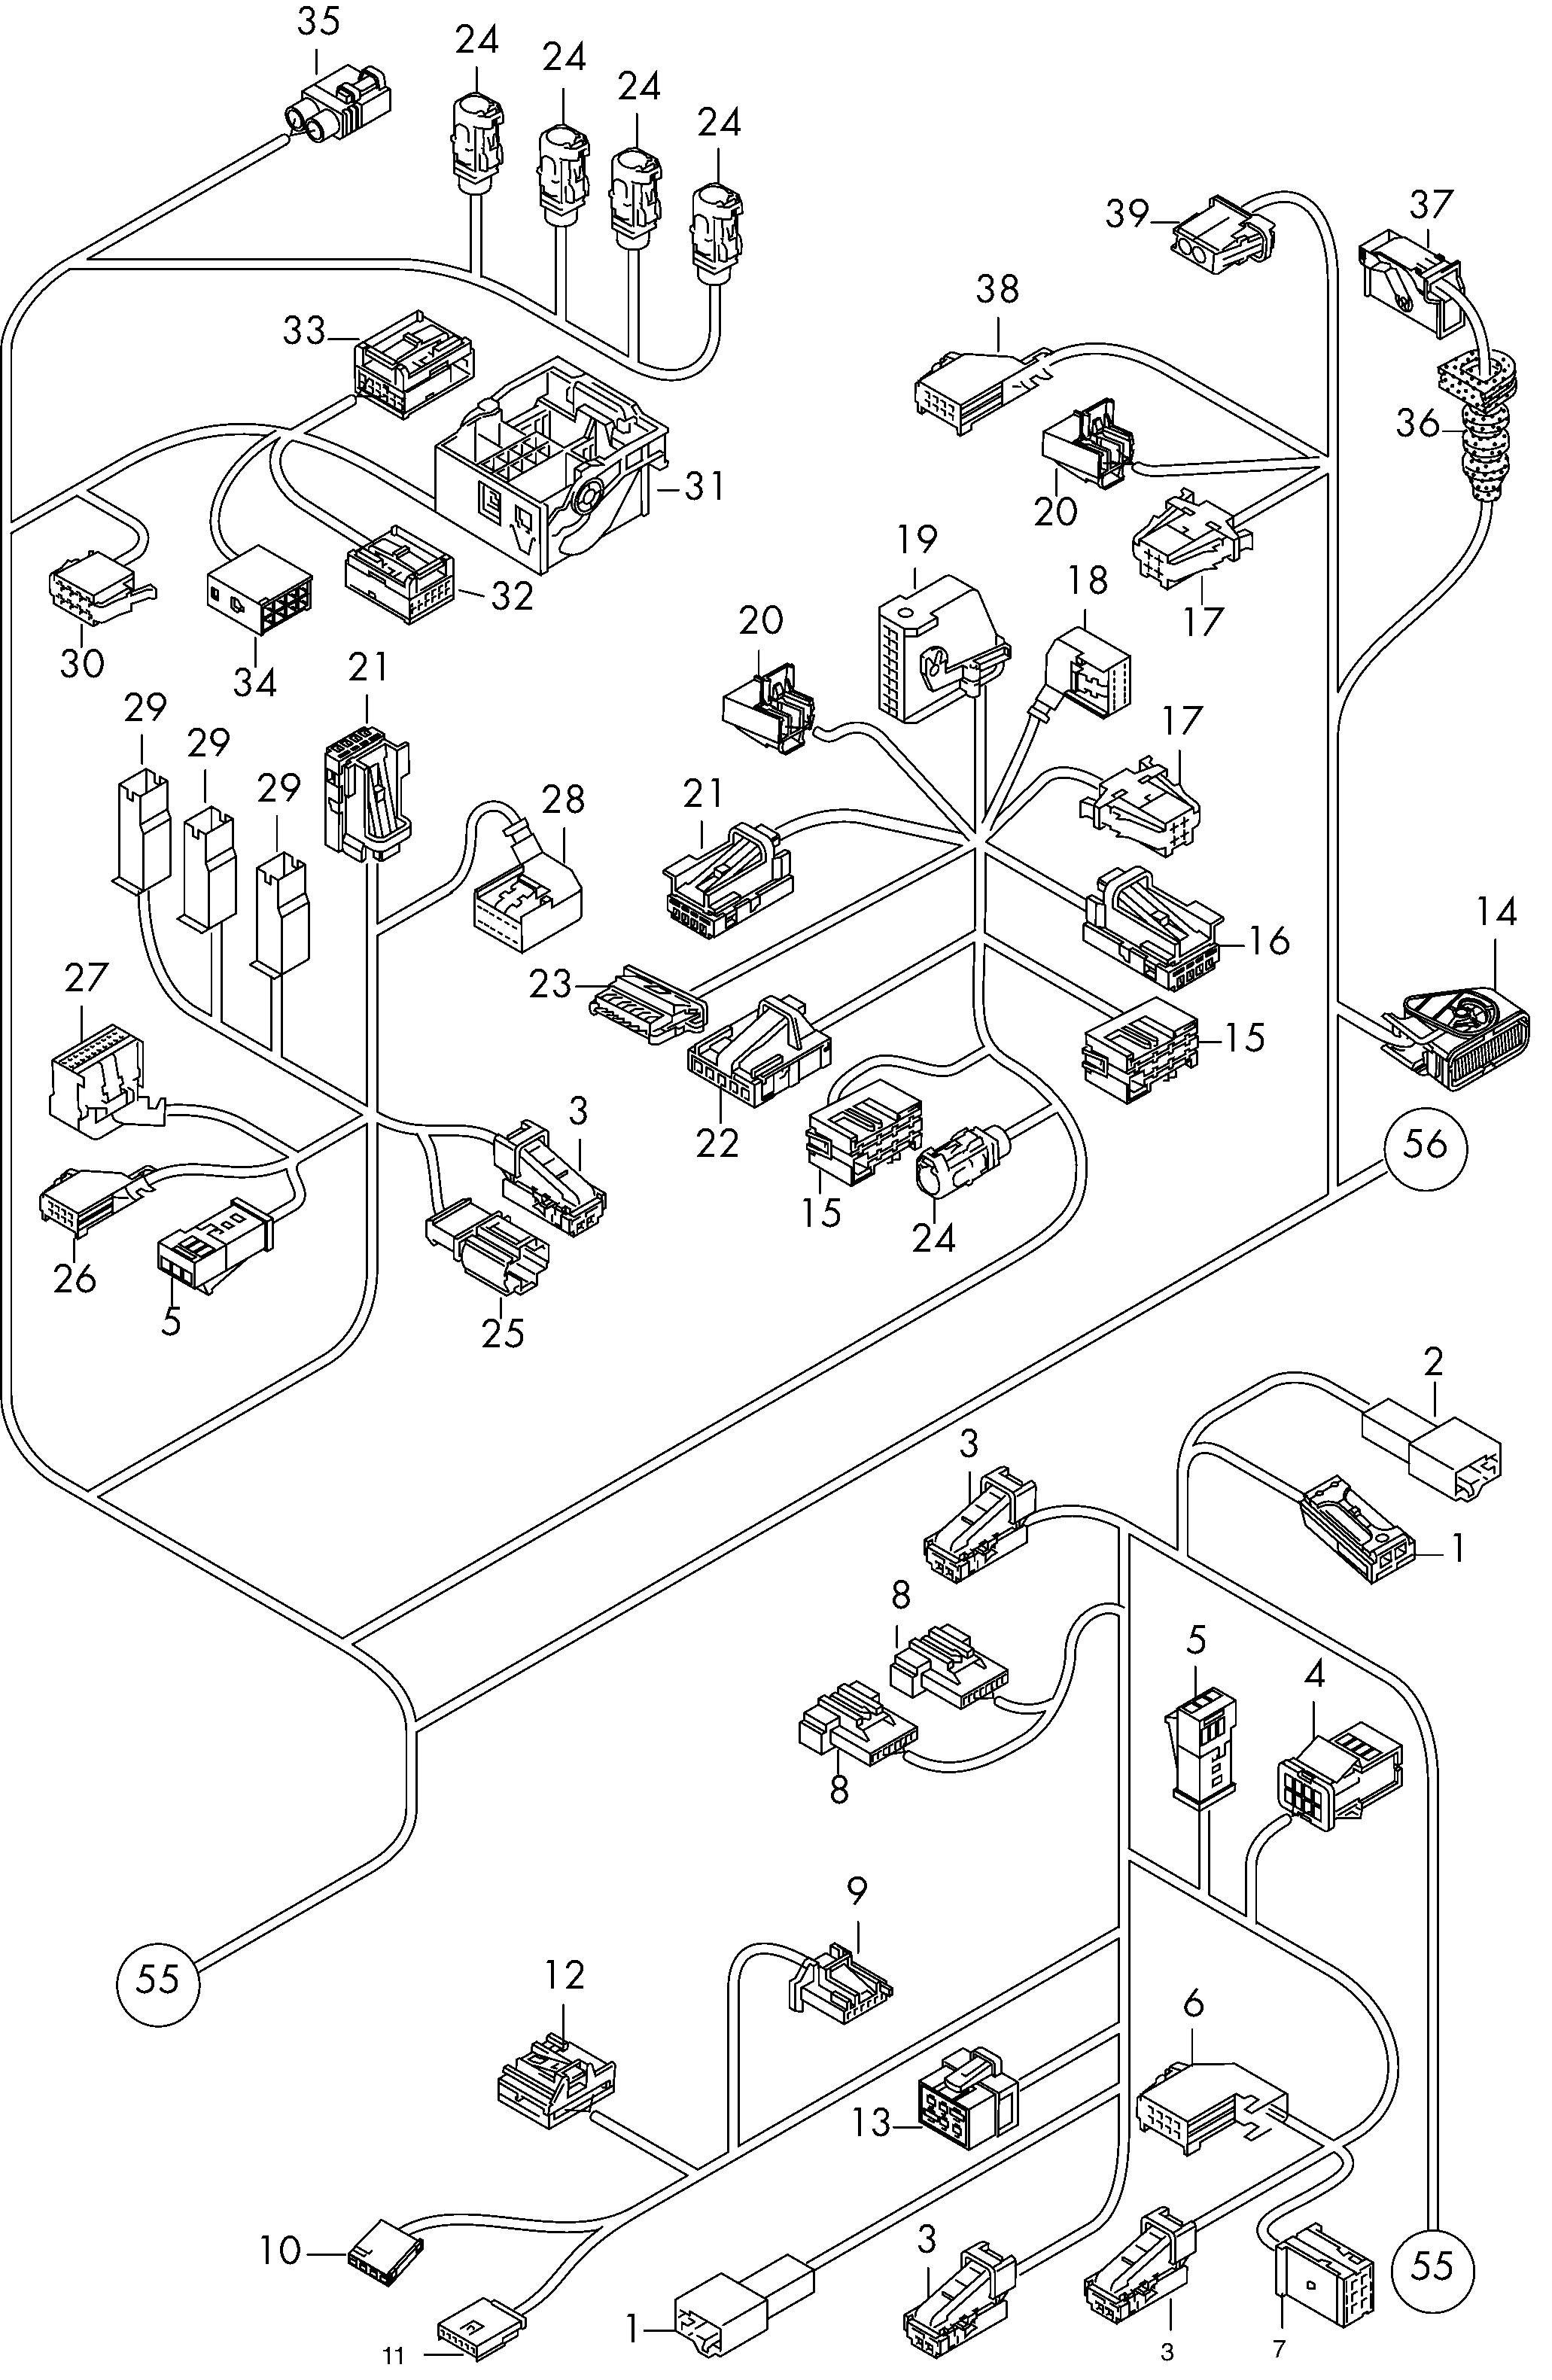 Wiring Diagram For Audi A4 Towbar  Diagram  Diagramtemplate  Diagramsample Check More At S